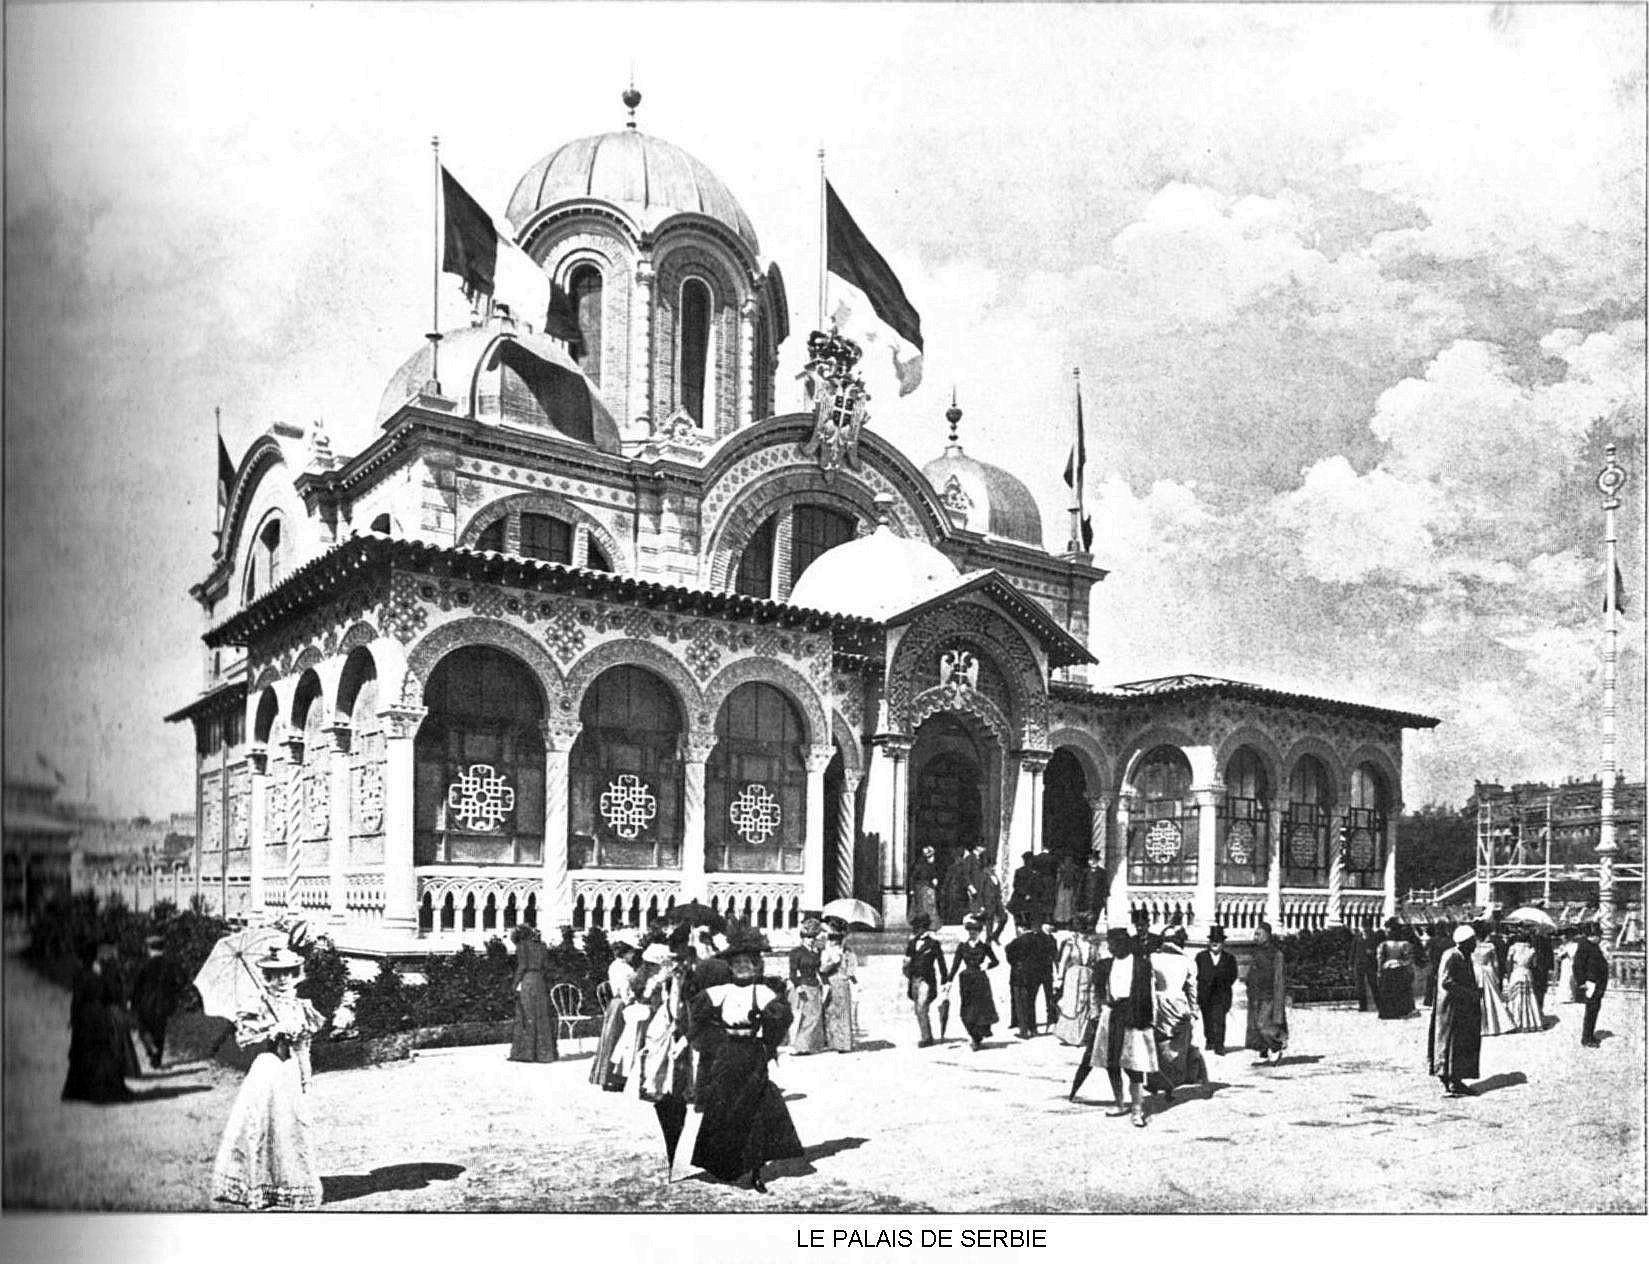 Ressources histoire exposition universelle 1900 le palais de serbie